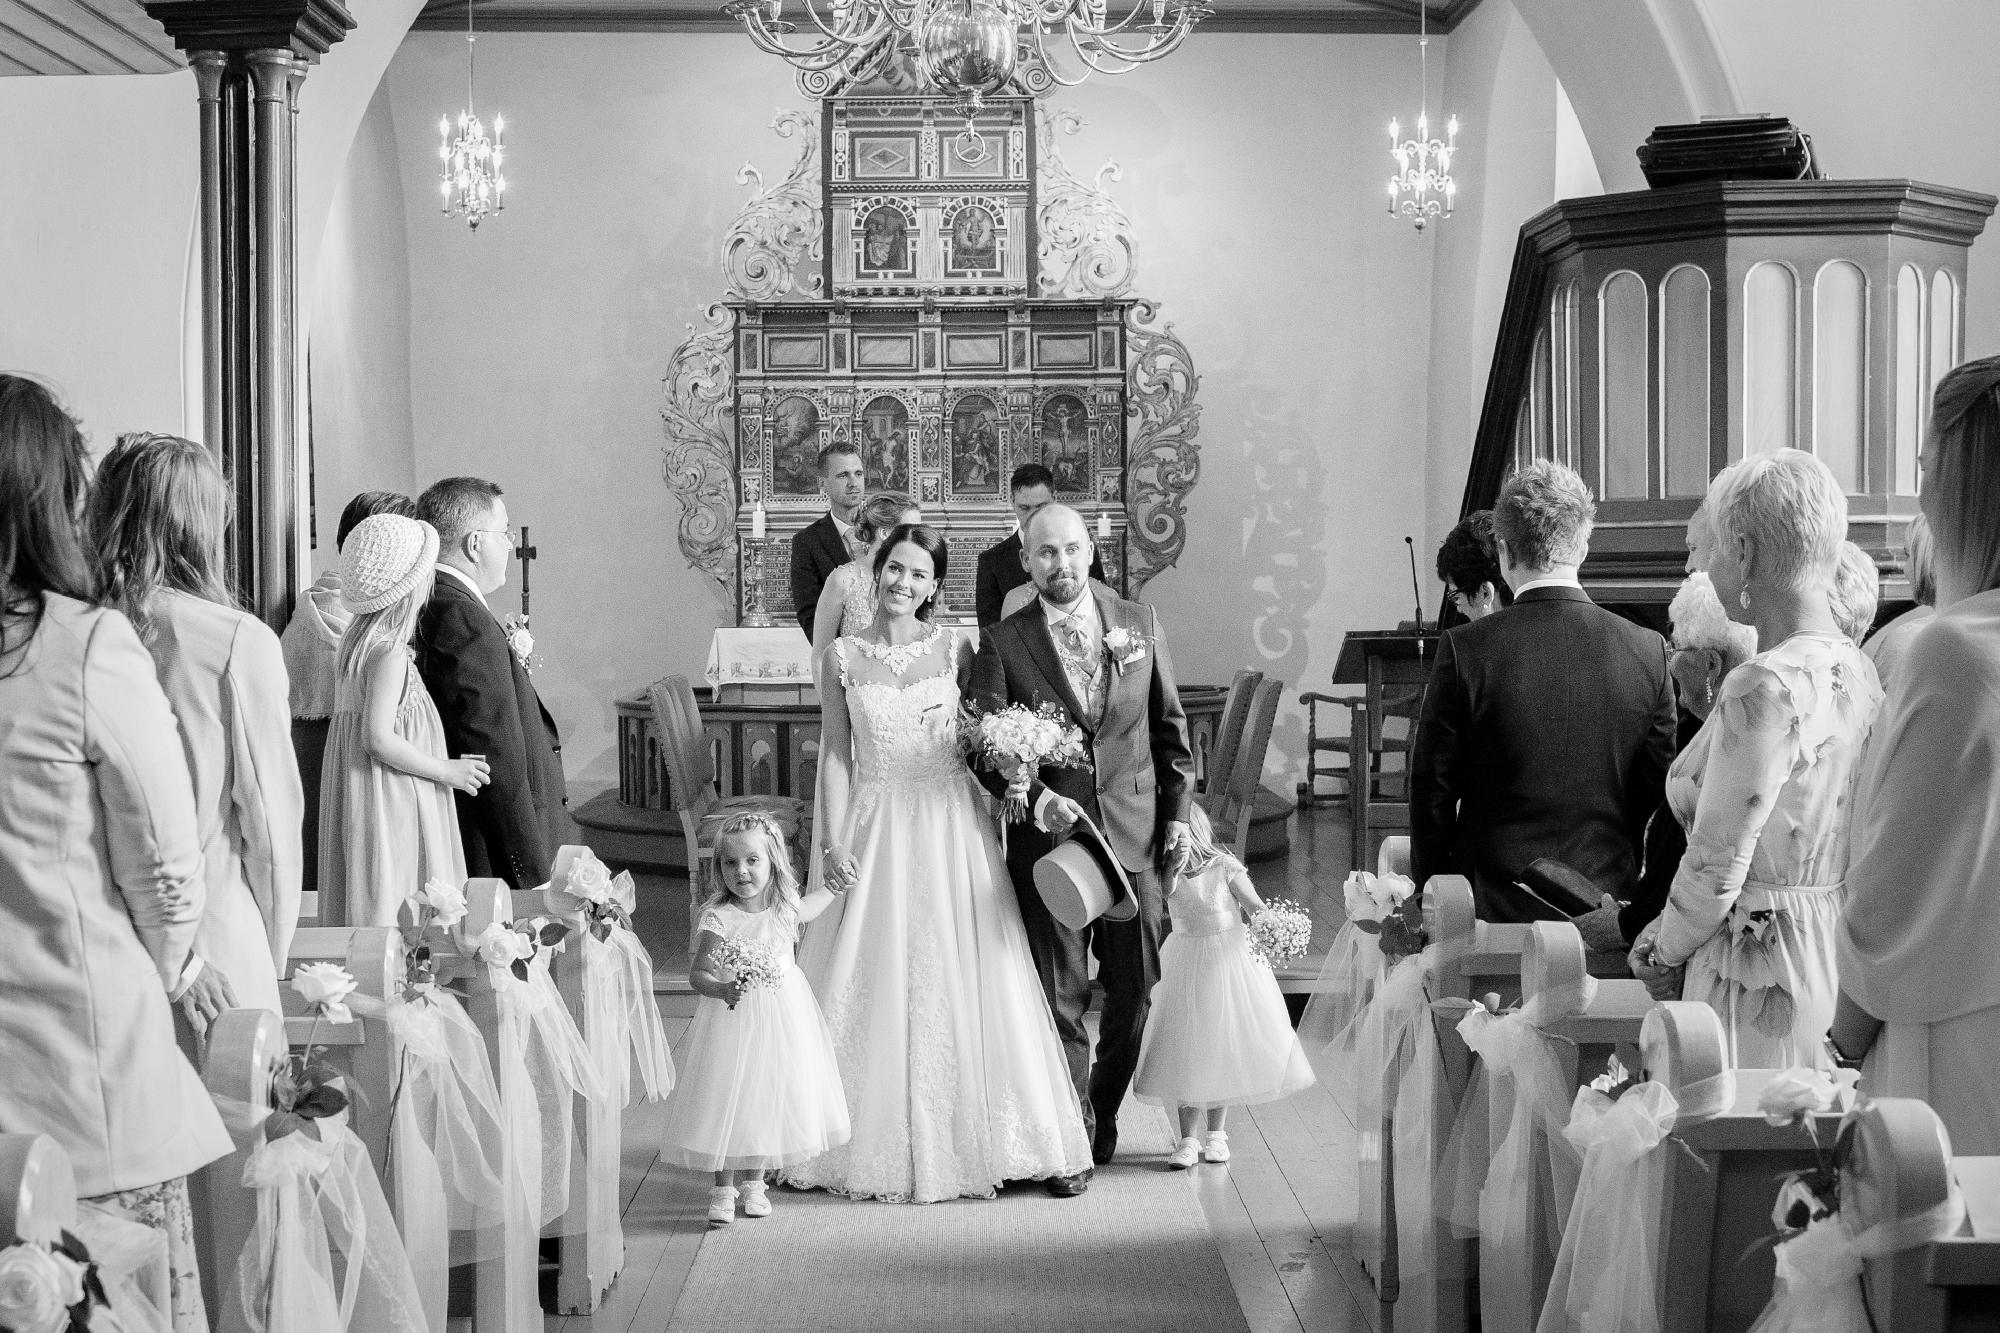 d9777433c8c5 Speiltvillingene – Bryllup - Kirkeklokker og tårer